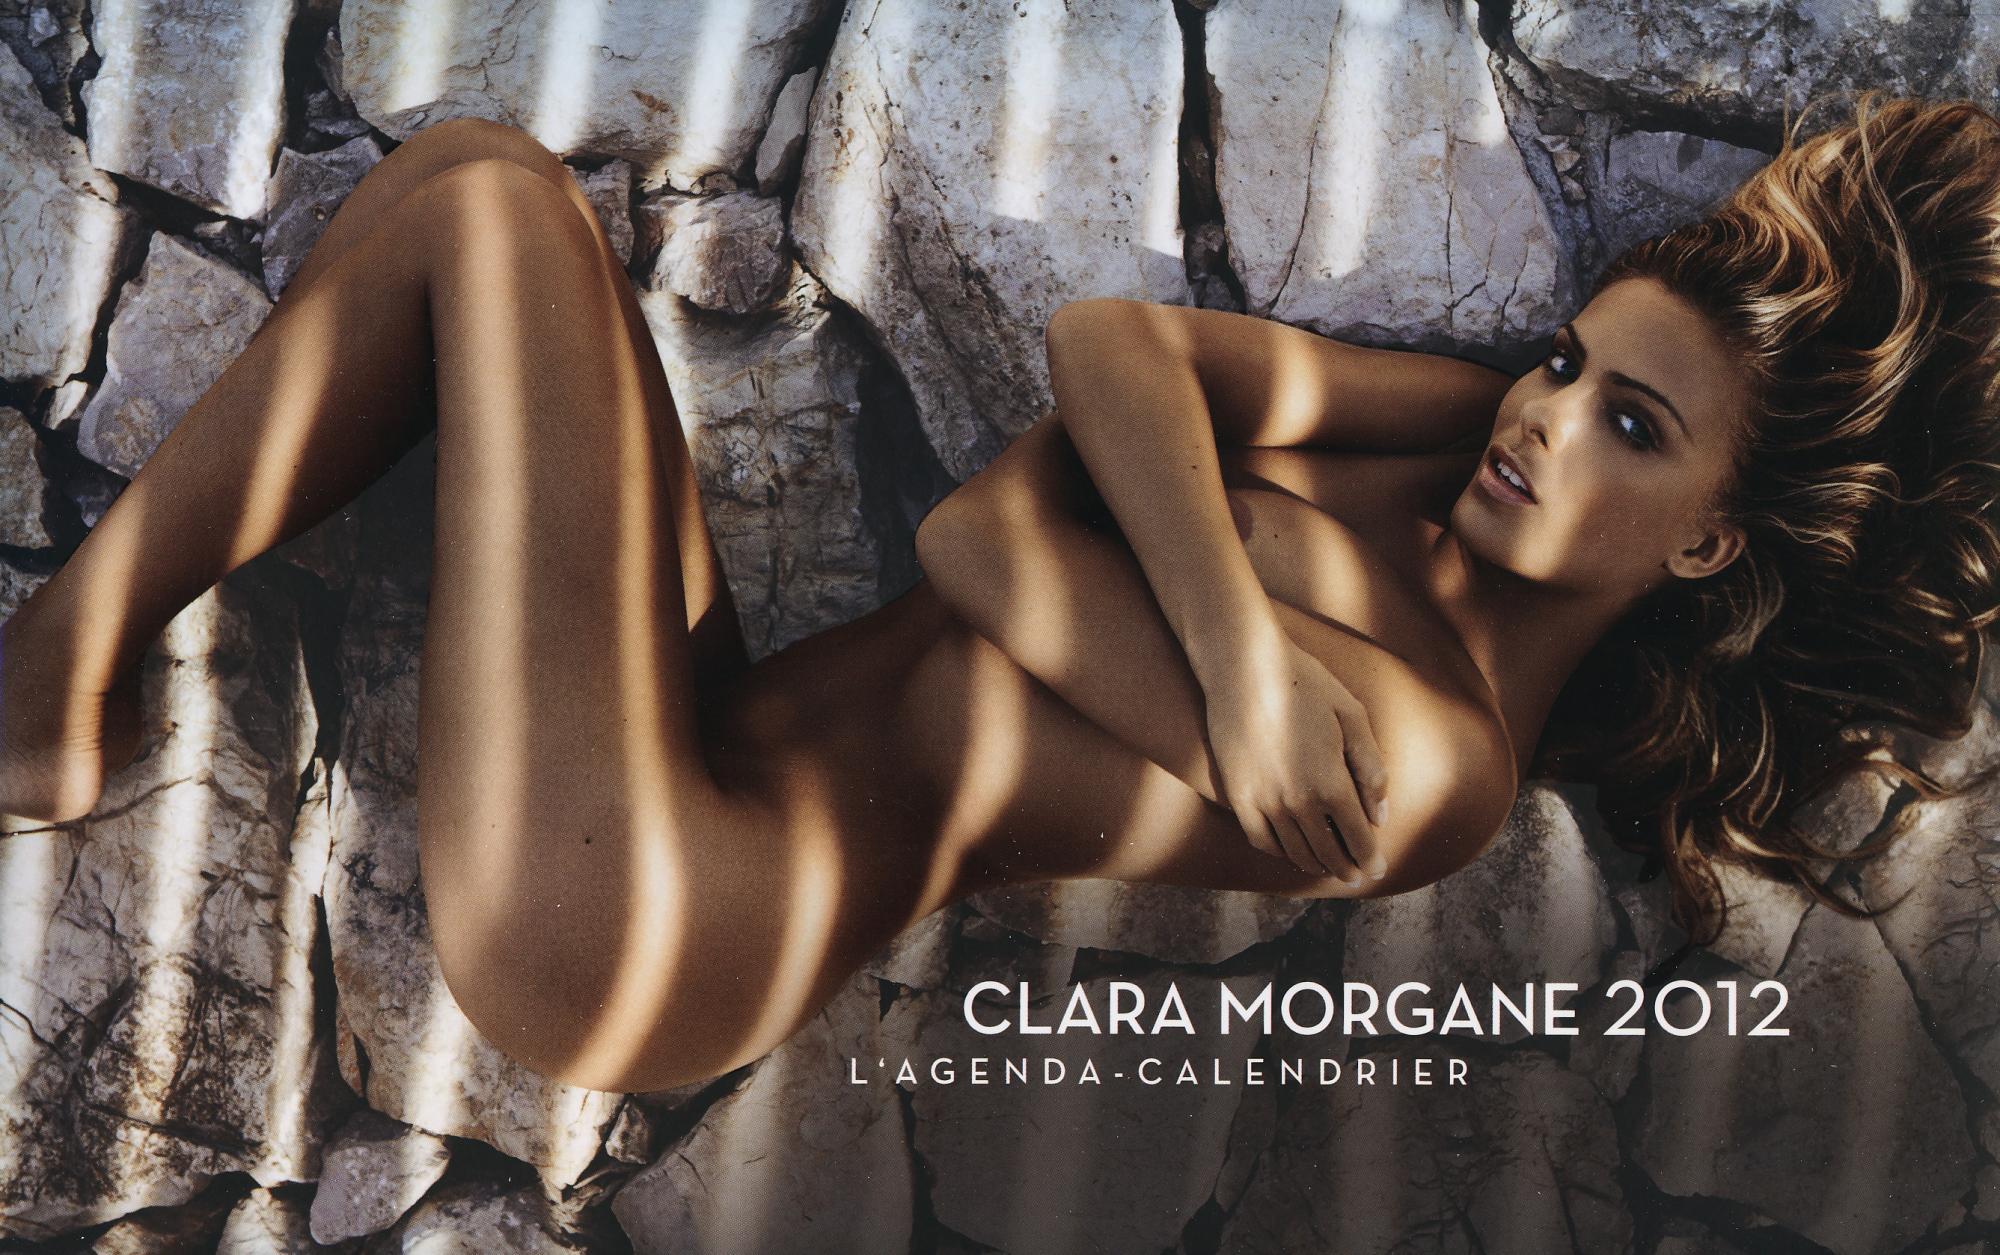 Clara morgane calendar try